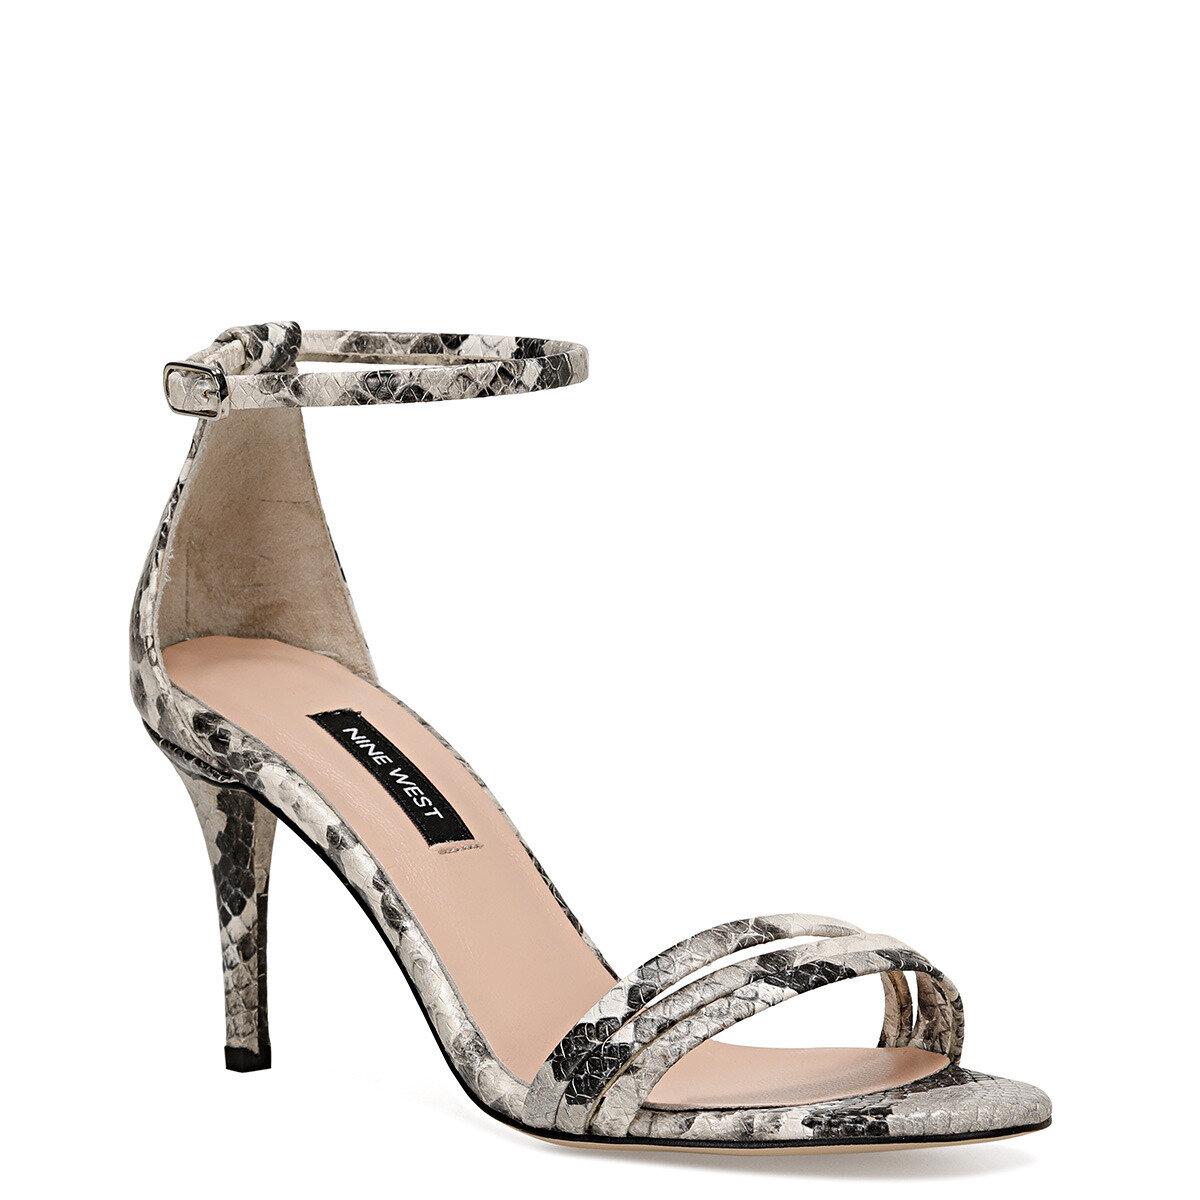 TENSE Gri Kadın Sandalet